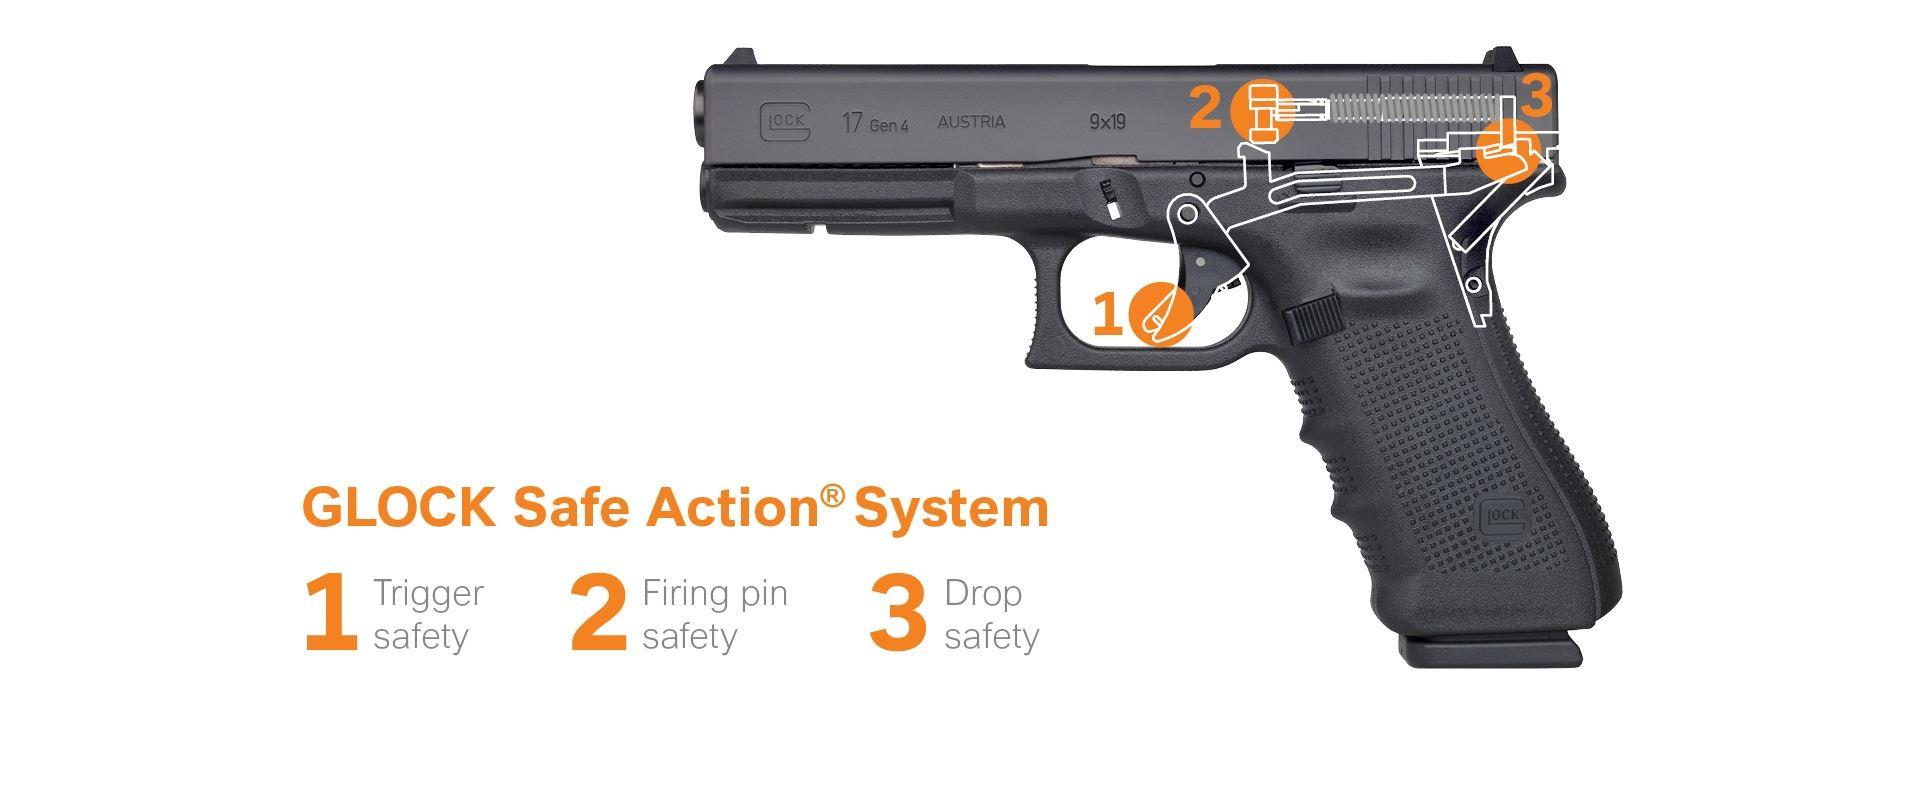 40 glock schematic diagram [ 1920 x 800 Pixel ]